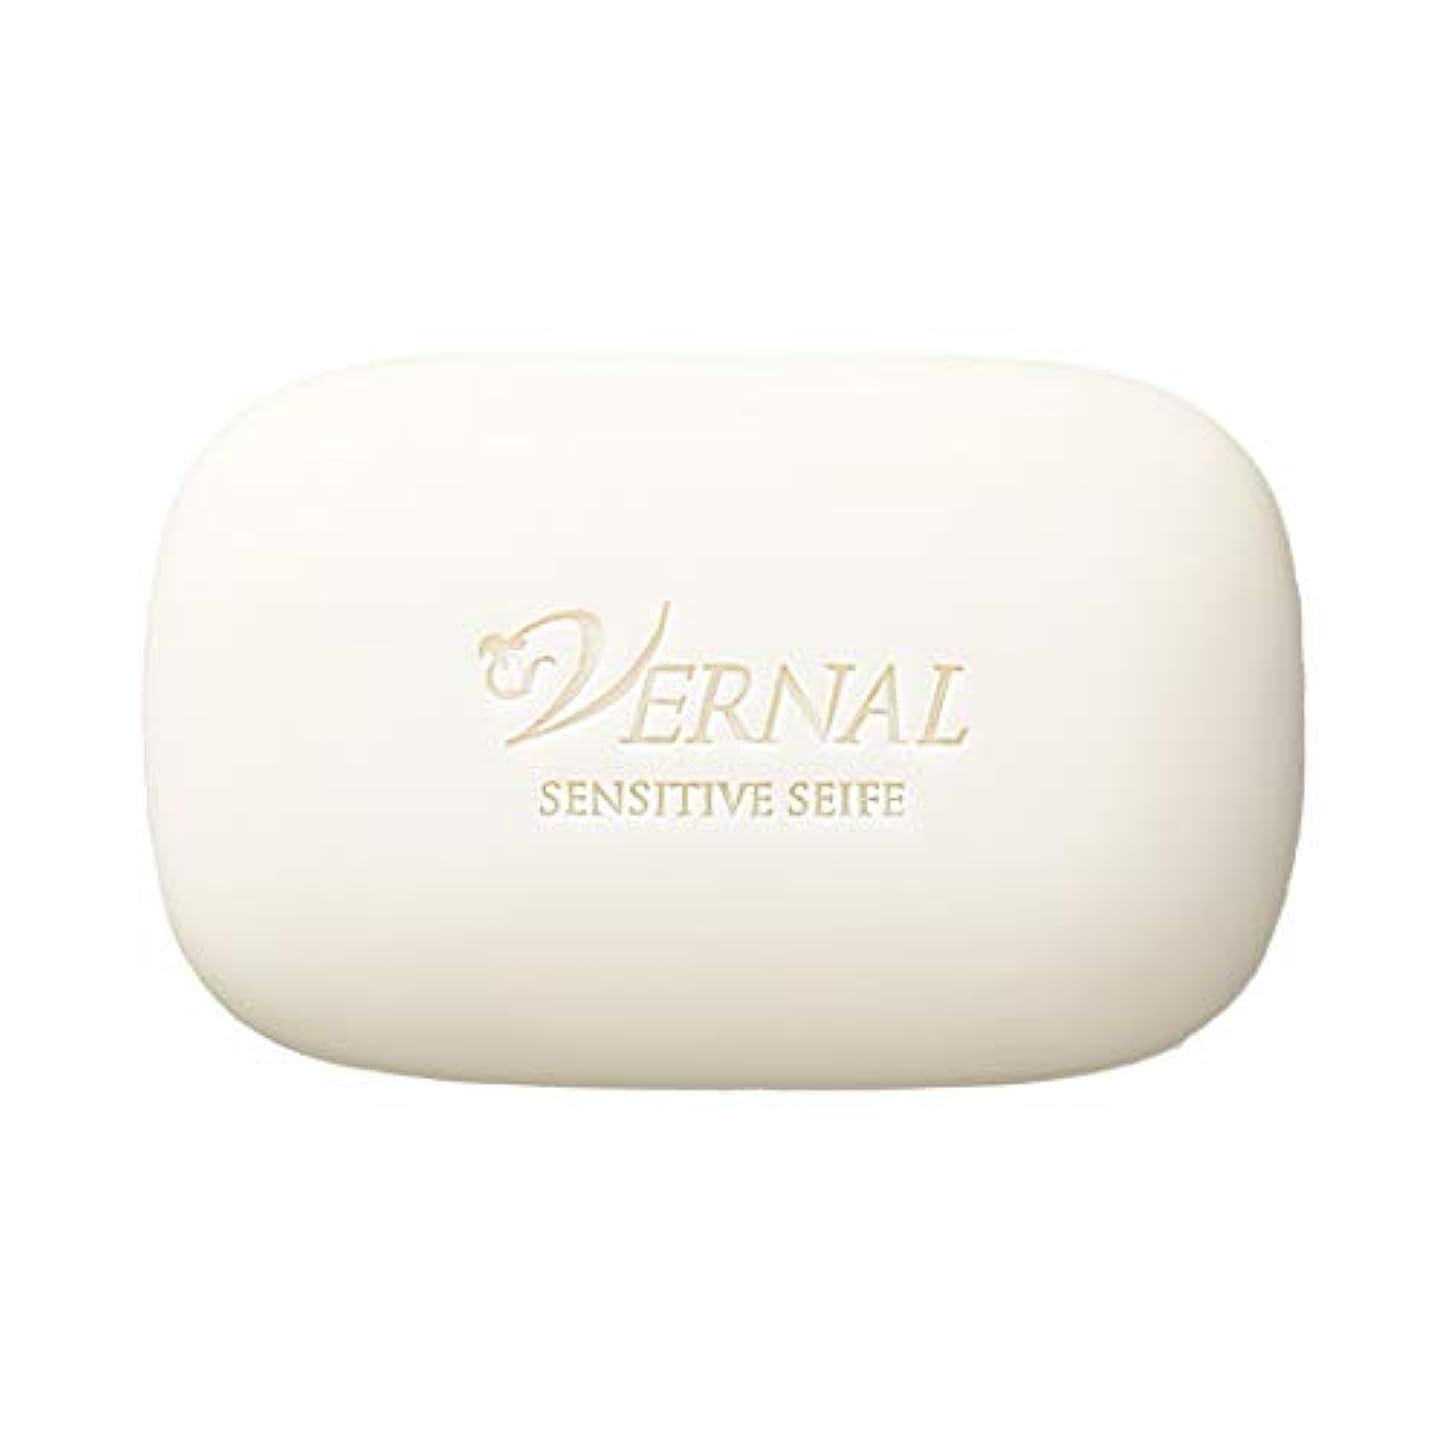 測定ジャーナルめったに【医薬部外品】センシティブザイフ 110g /ヴァーナル 洗顔石鹸 キメ整える 薬用